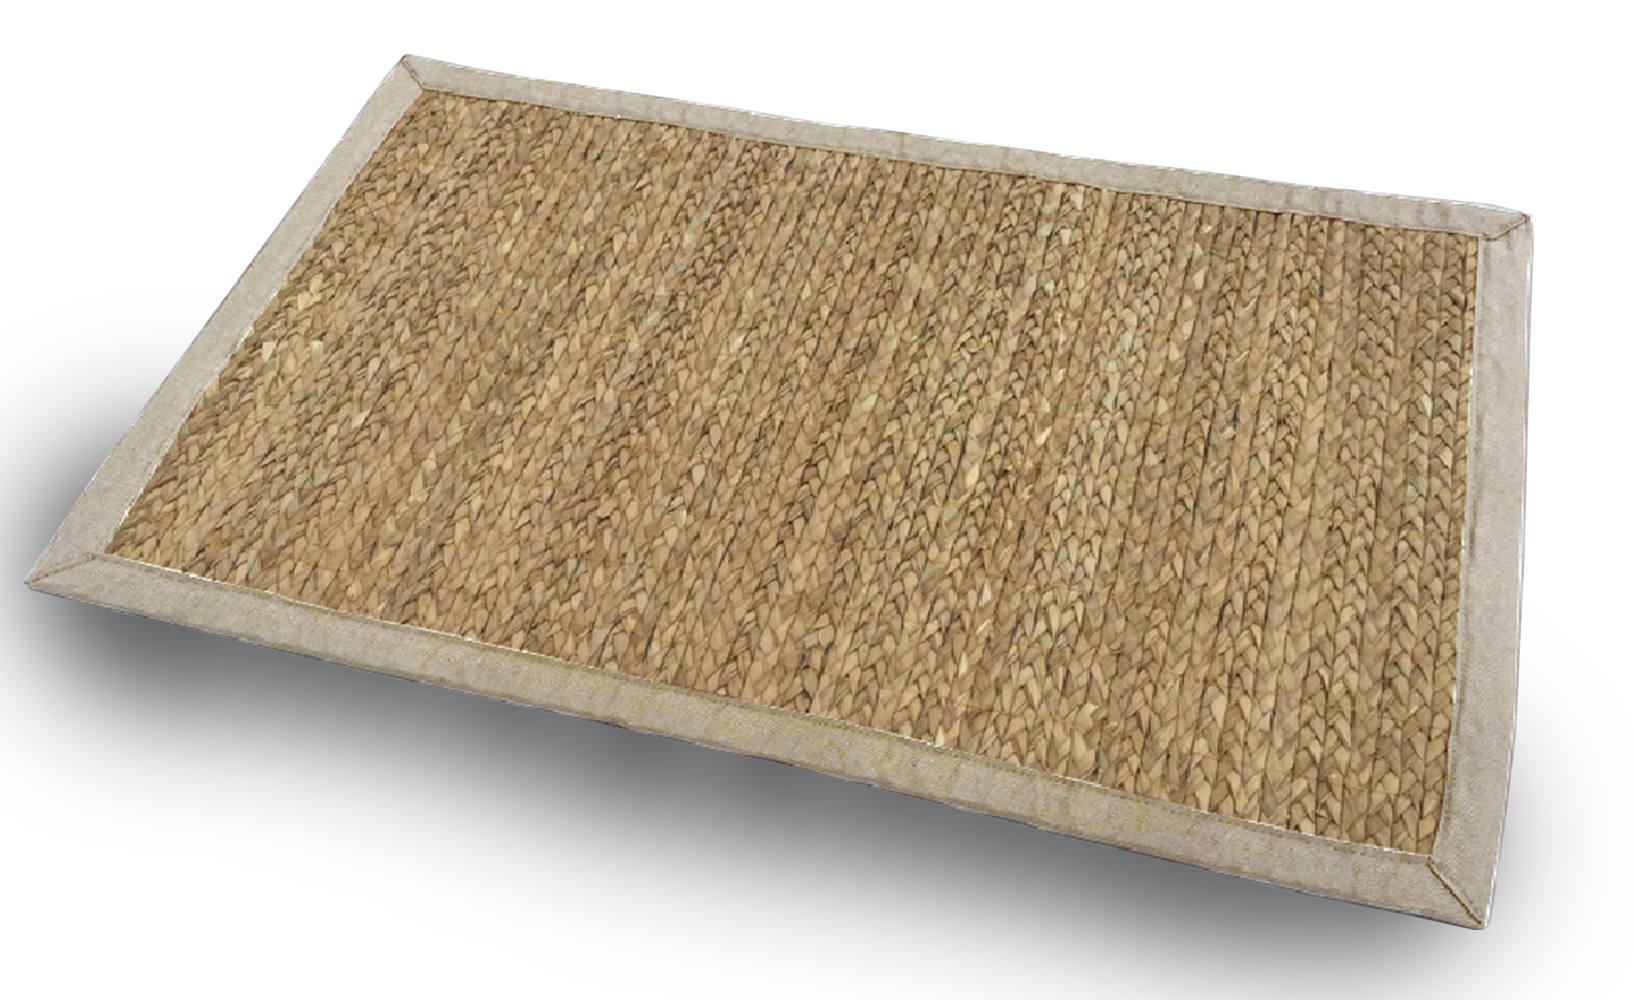 Tapete de Fibra - Tamanho 50cm x 80cm - Cor Natural